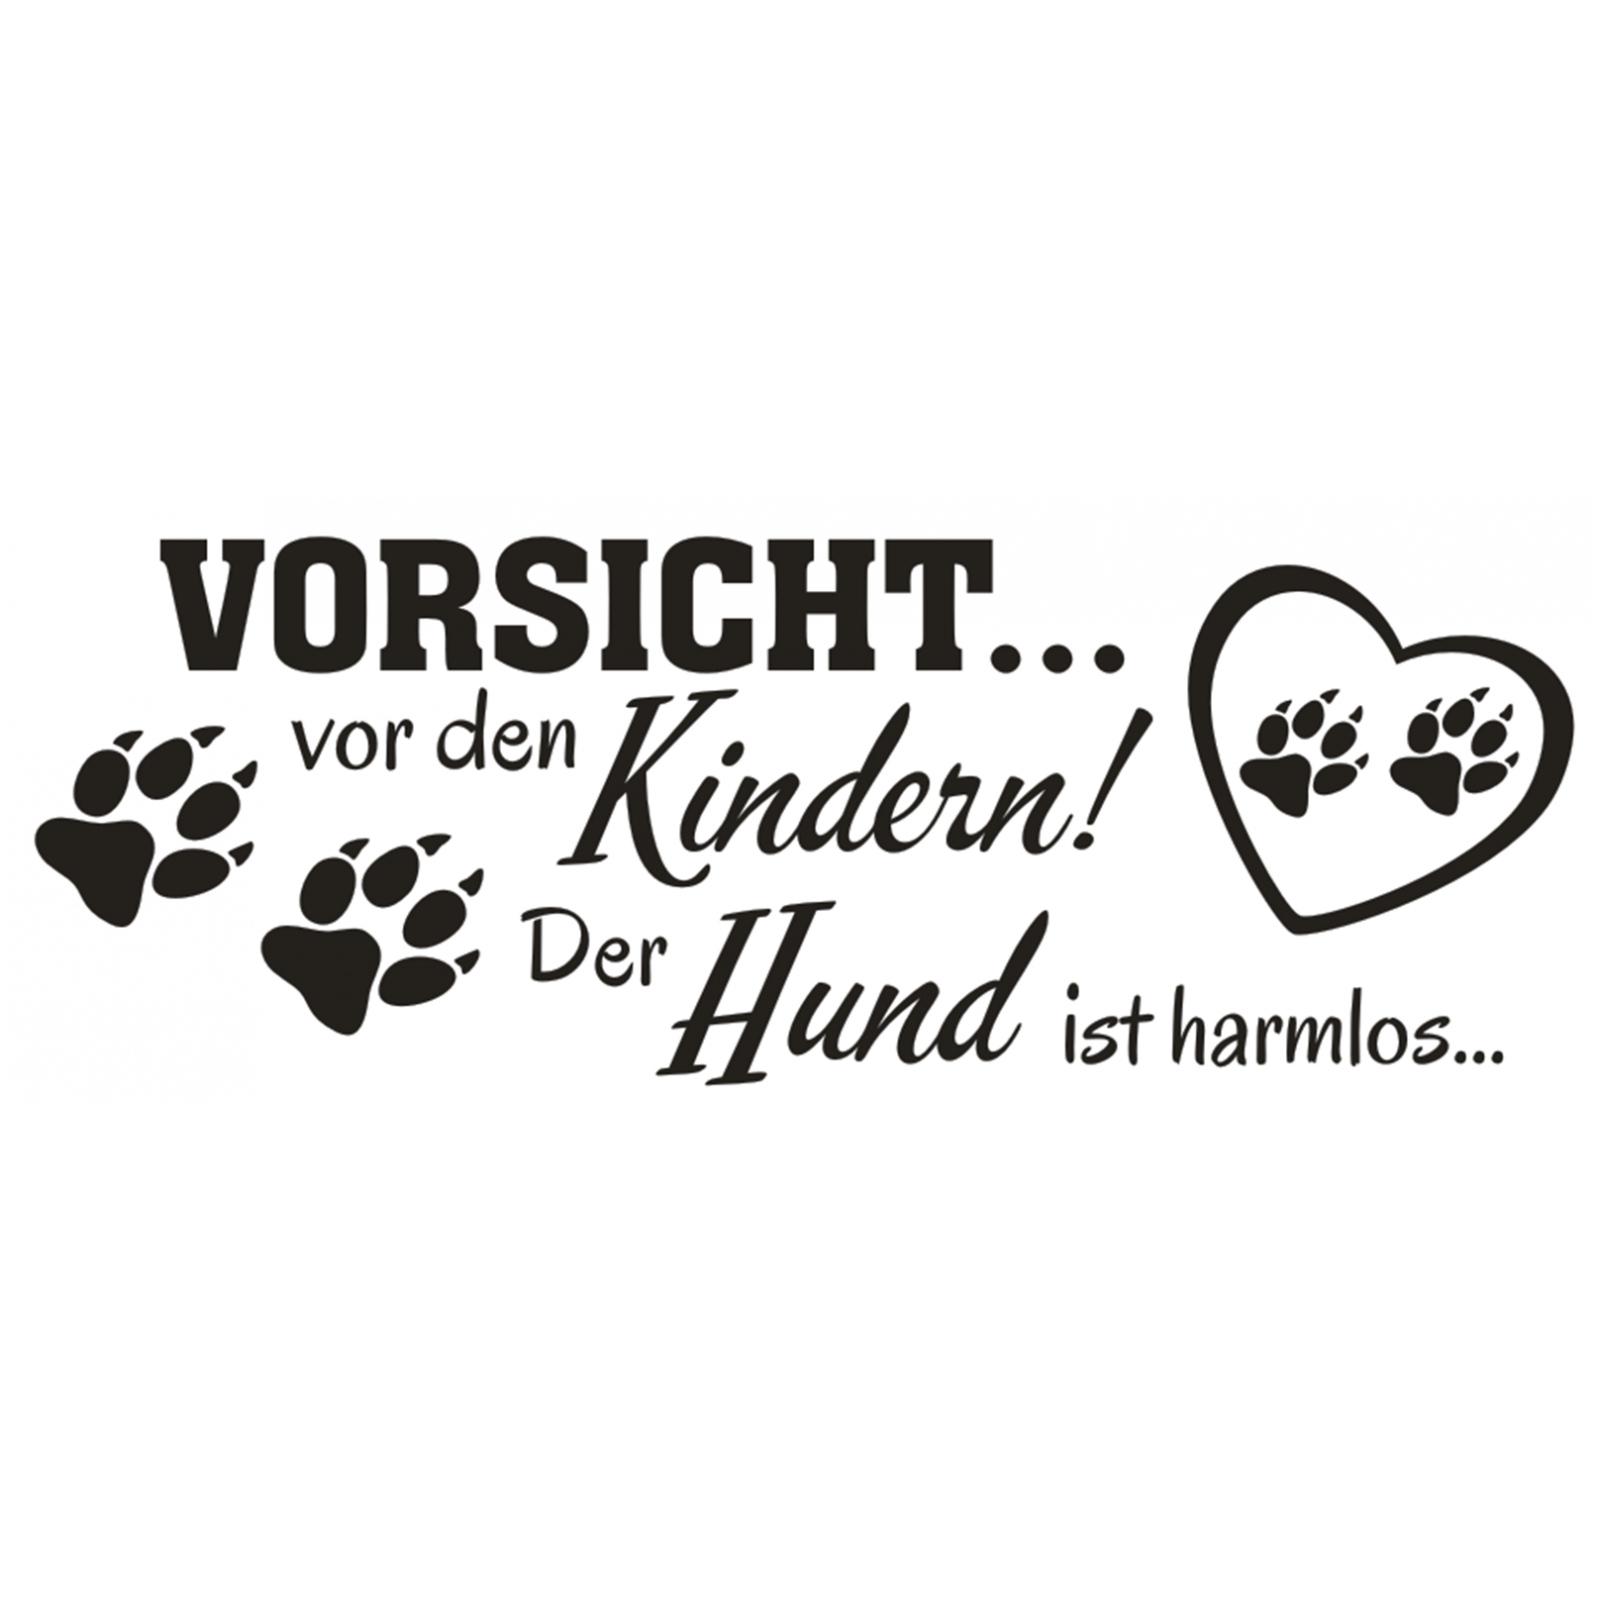 Wandtattoo-Spruch-Vorsicht-vor-Kindern-Hund-harmlos-Wandaufkleber-Wandsticker-2 Indexbild 2